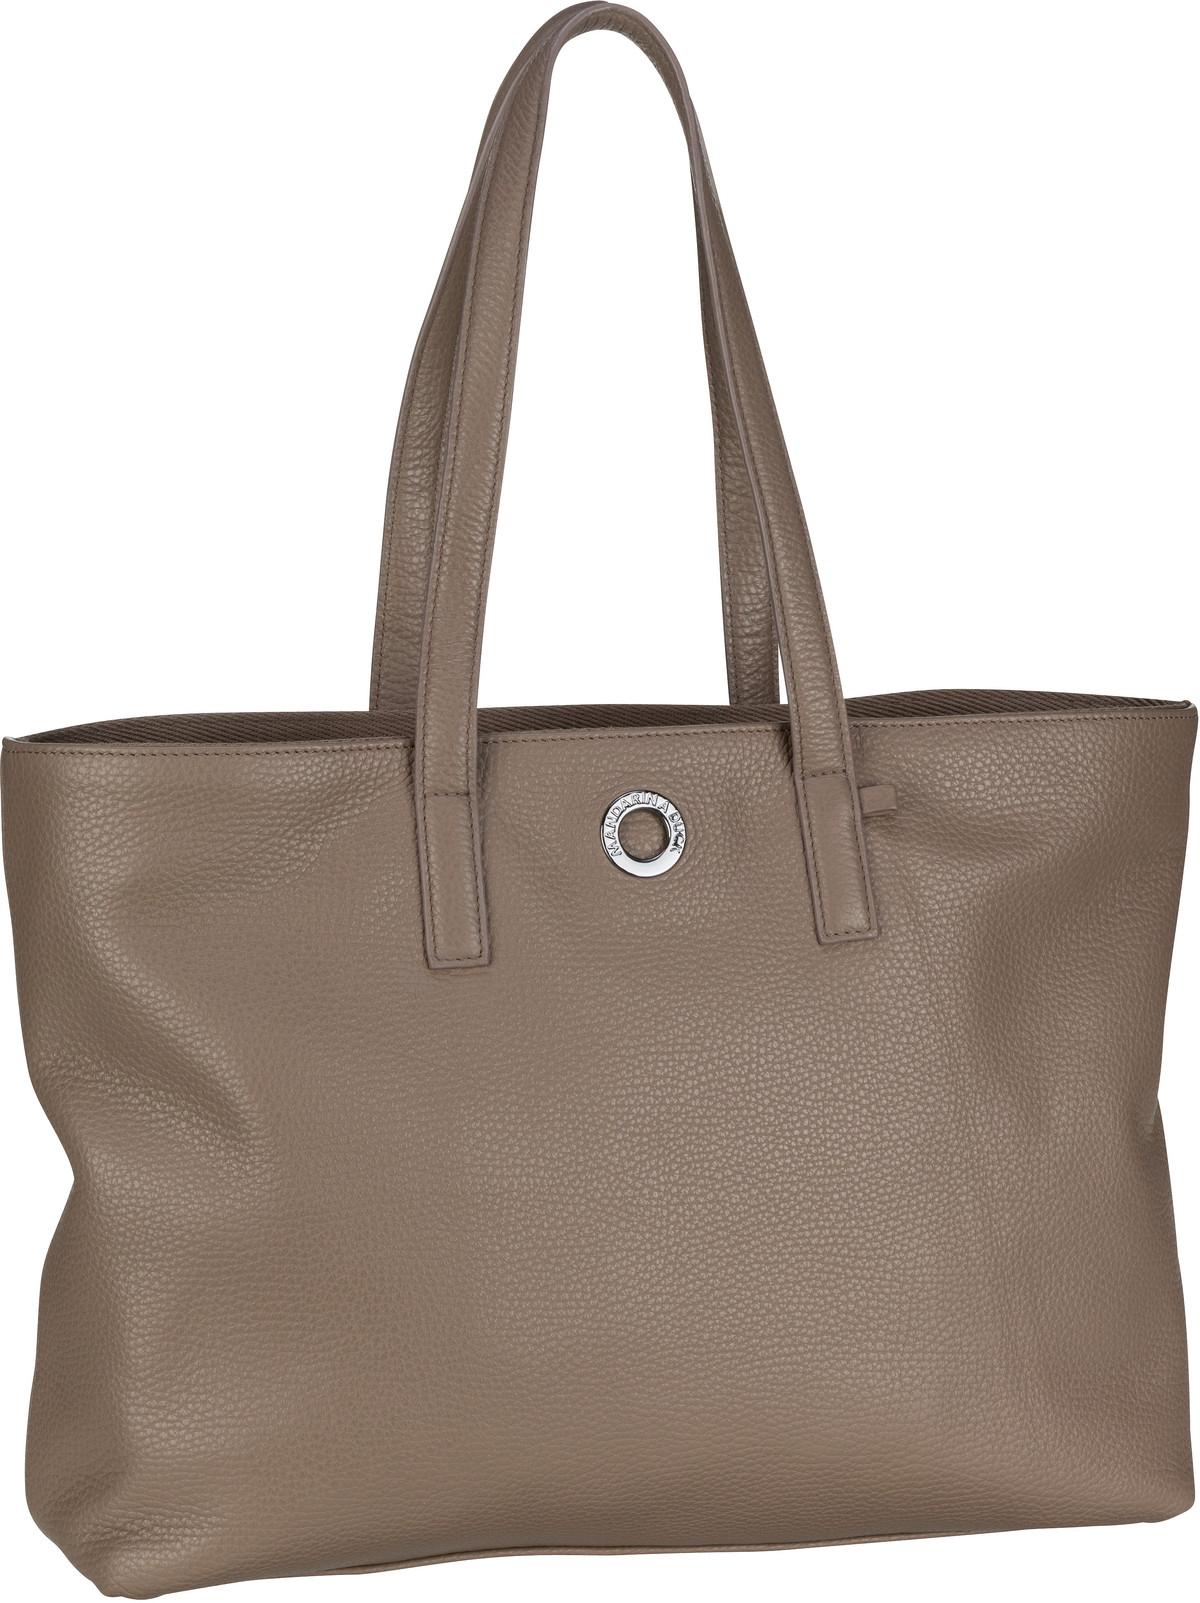 Handtasche Mellow Leather Shopping Bag FZT24 Amphora